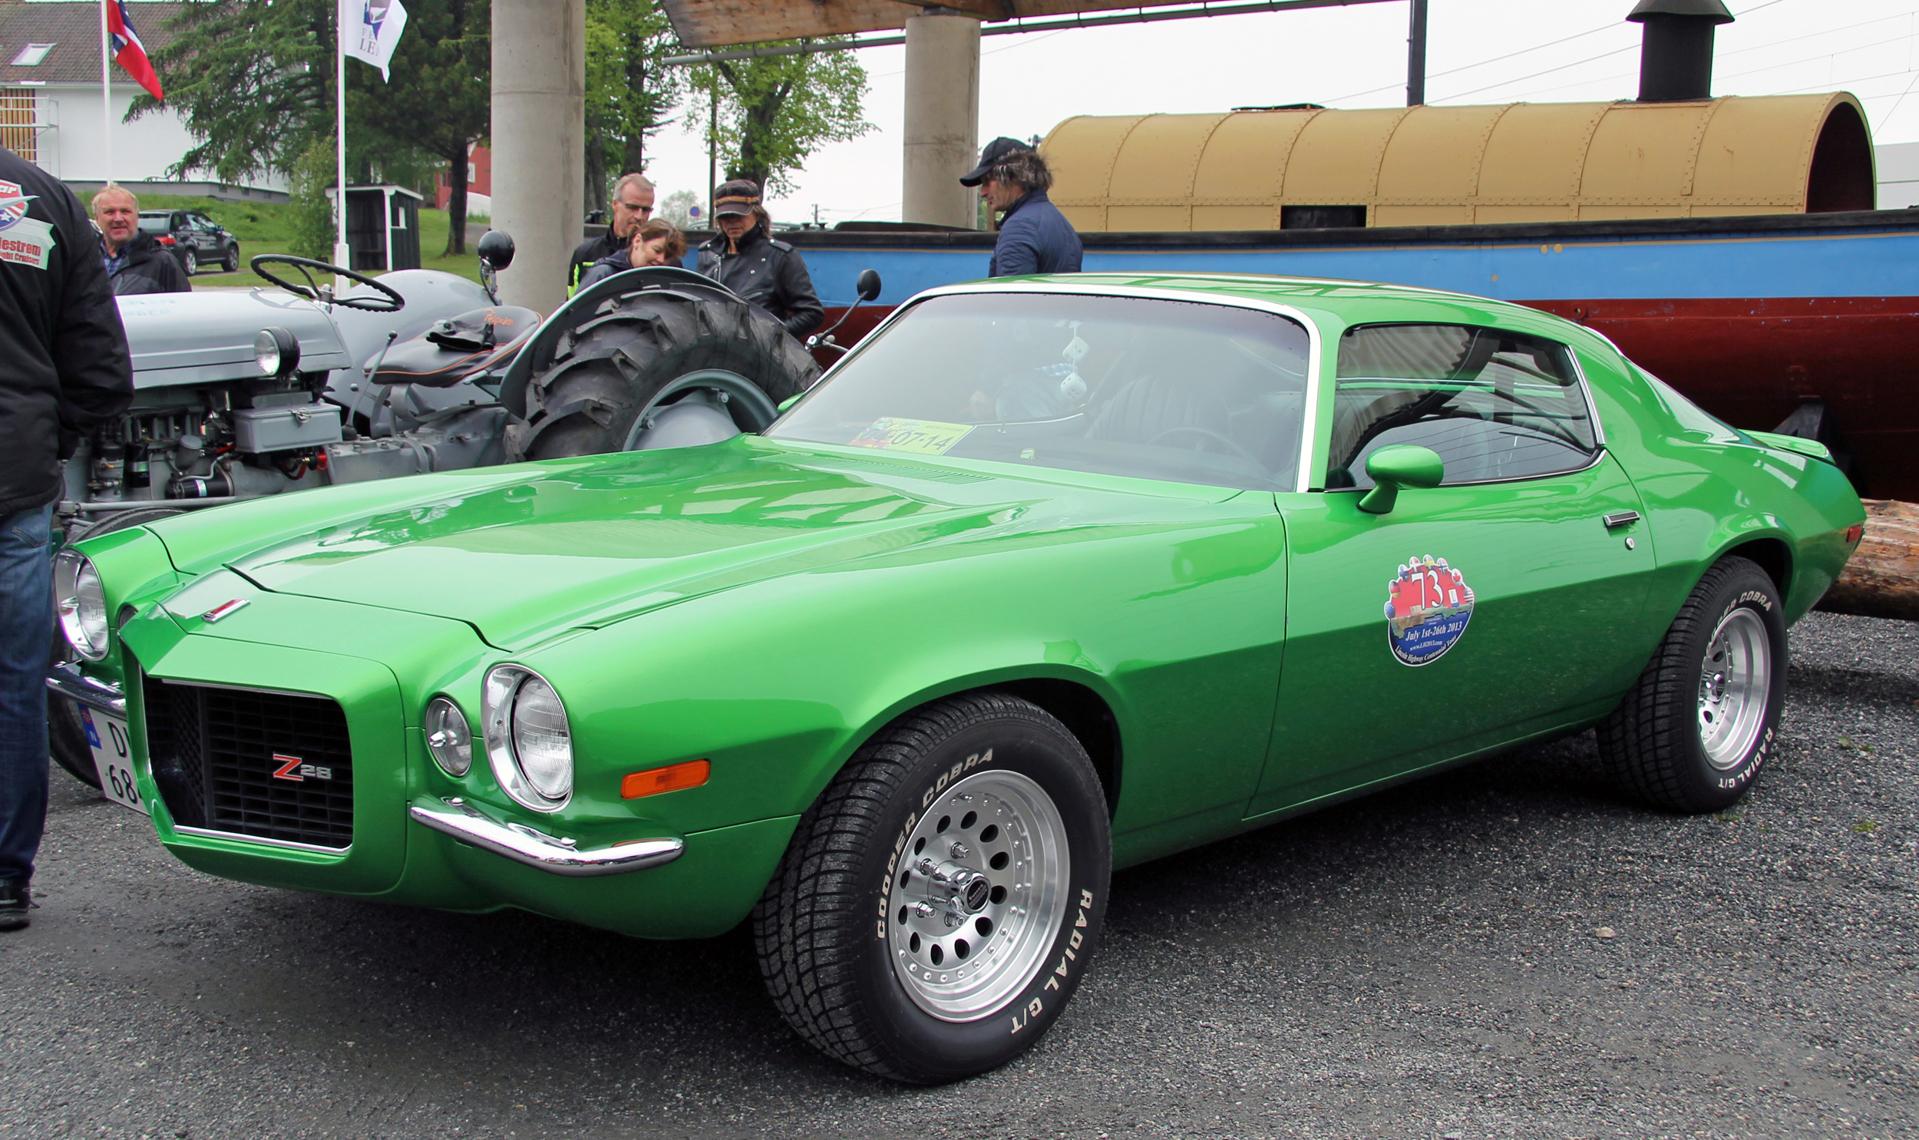 066-1973 Chevrolet Camaro Z28 01. Eier- medlem 066